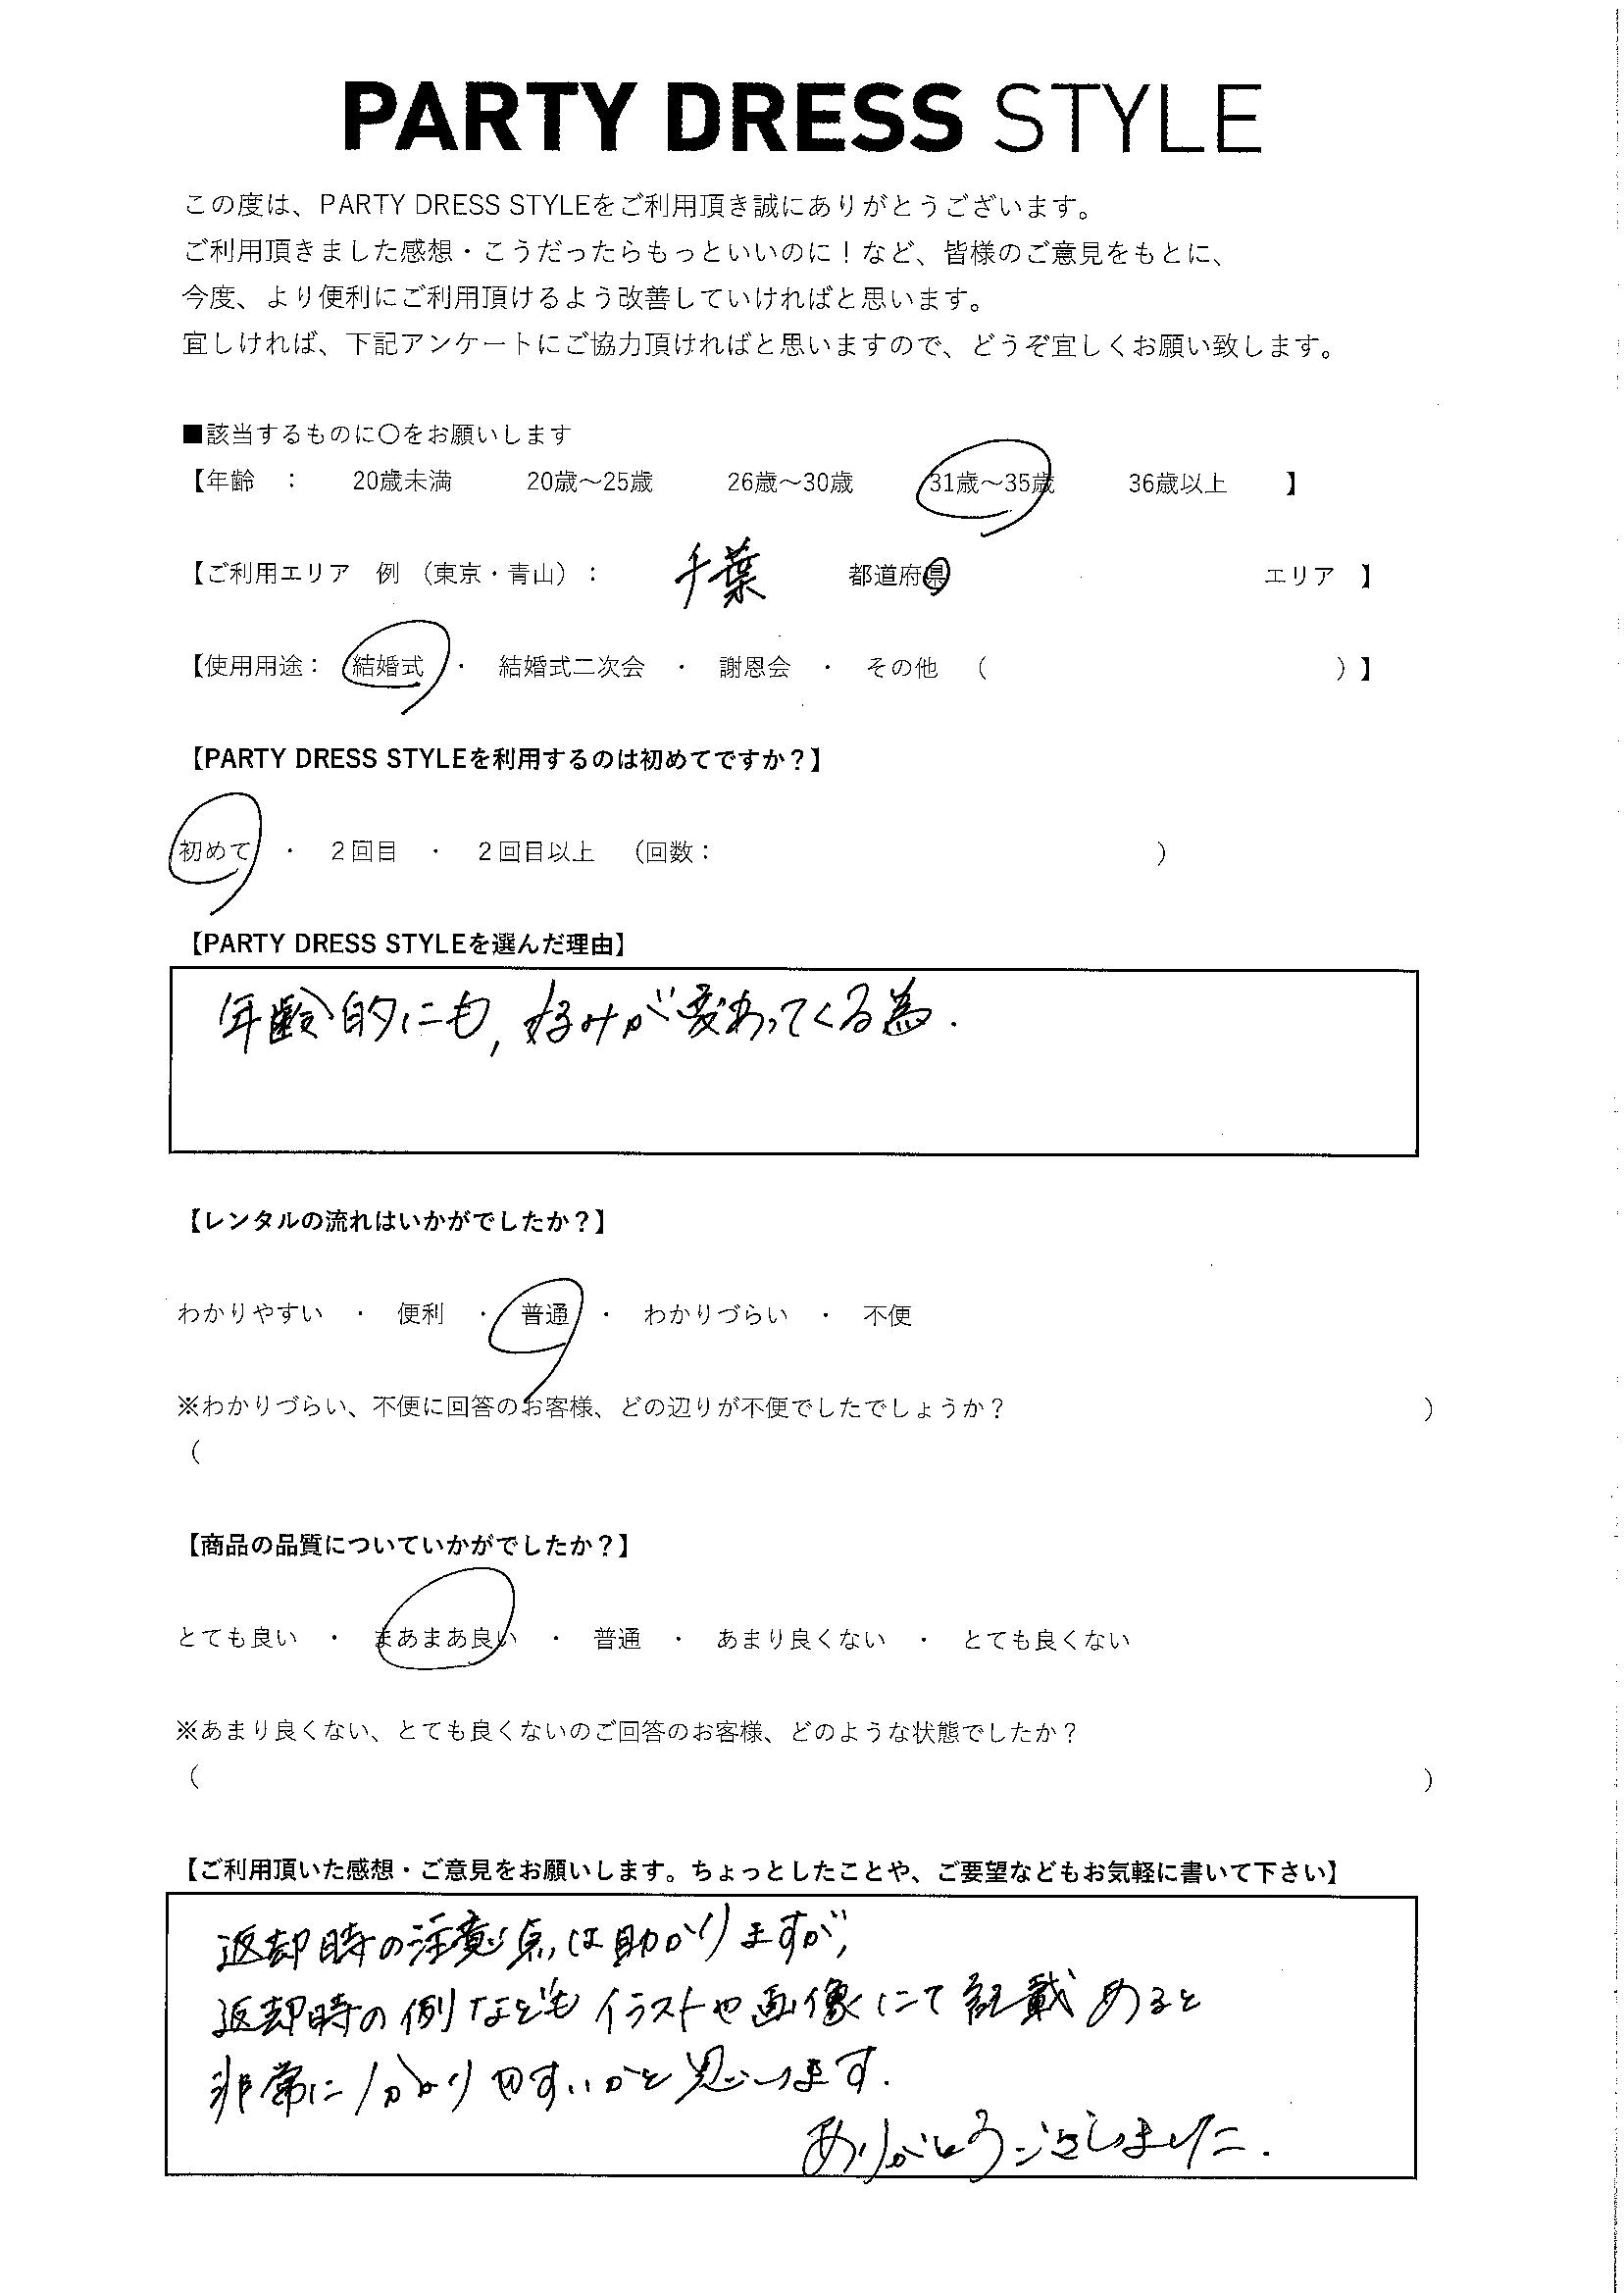 10/5結婚式 千葉県利用